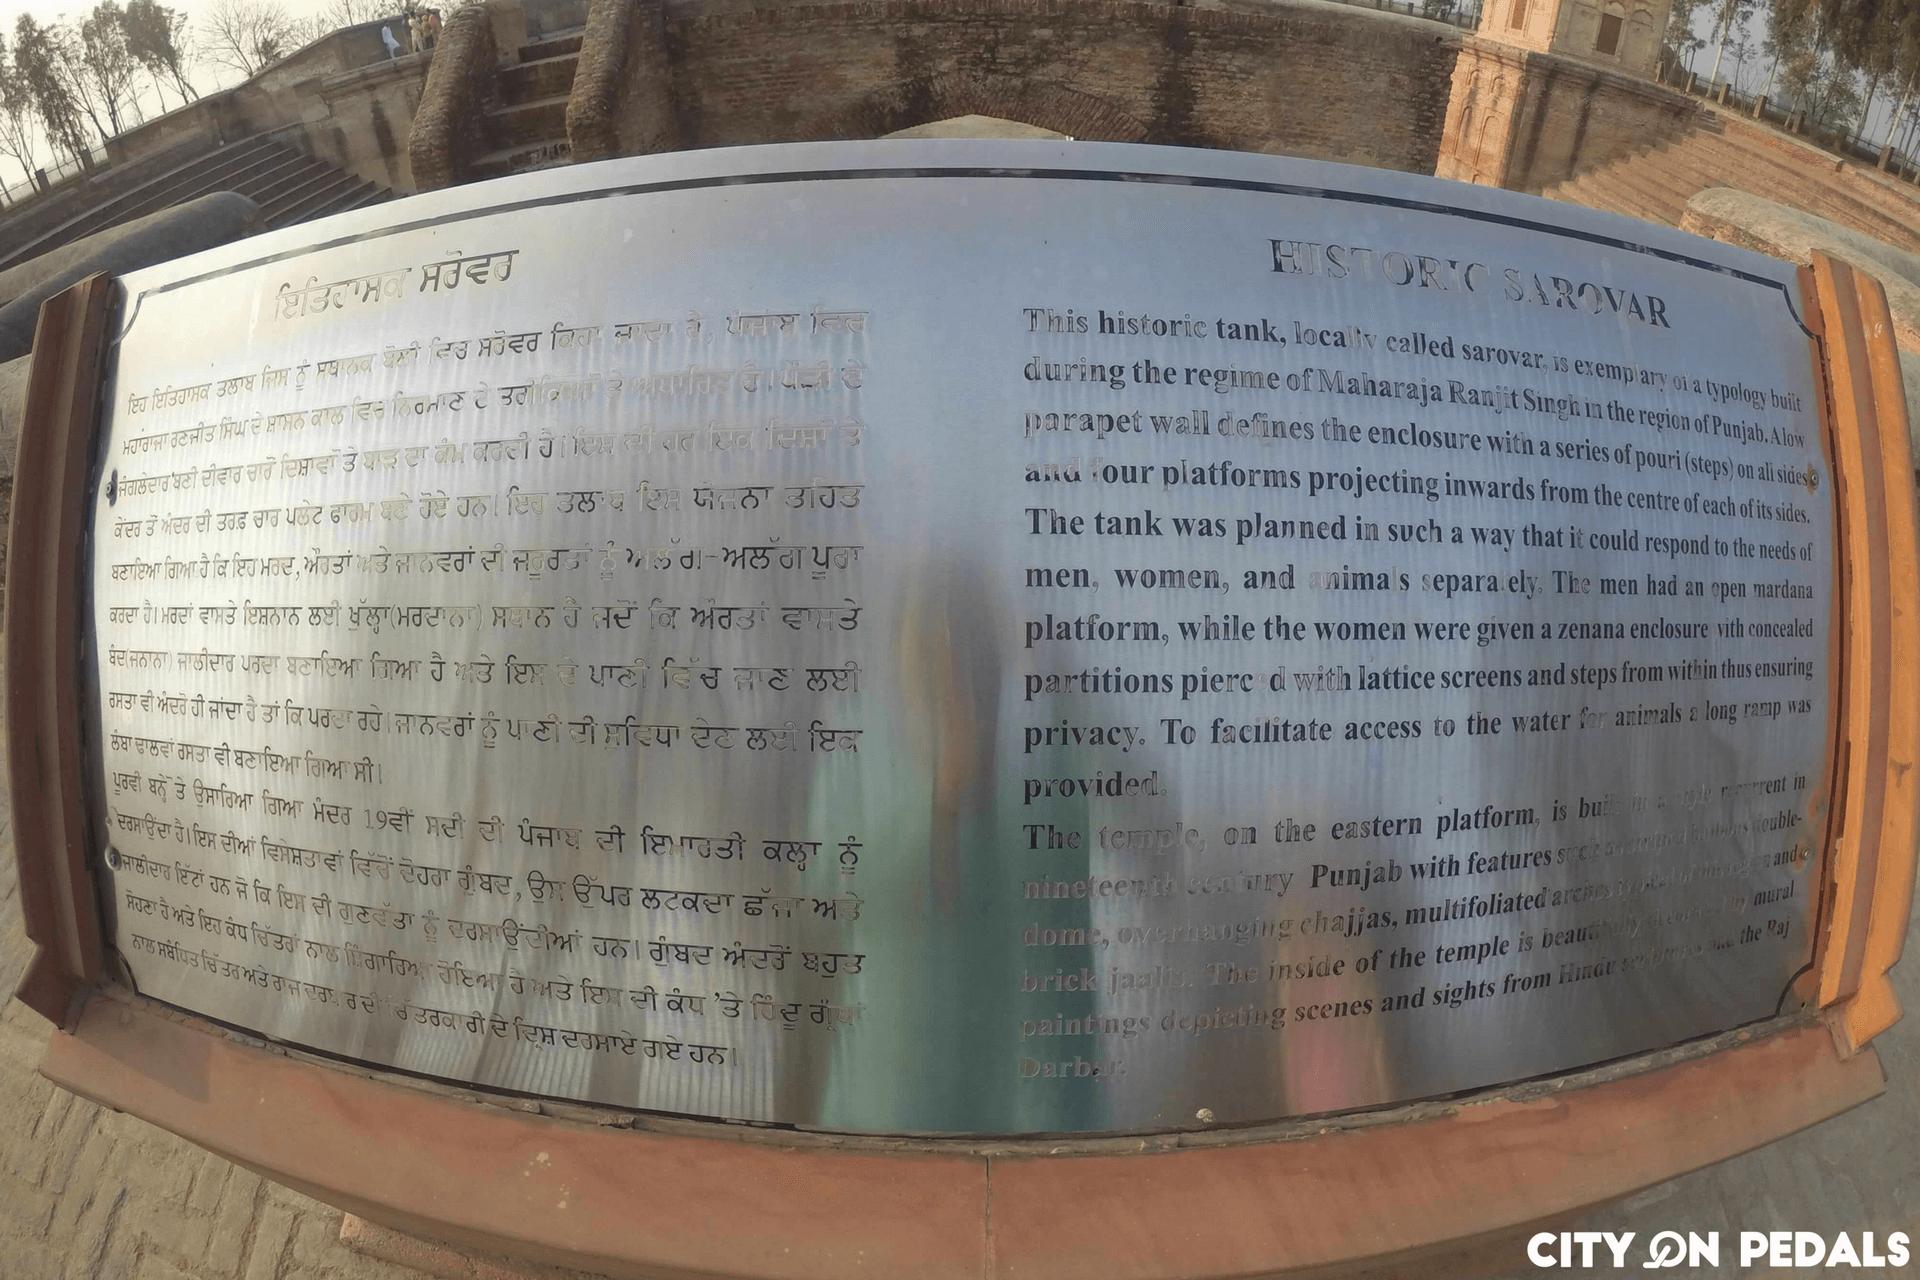 History of Pul Kanjari